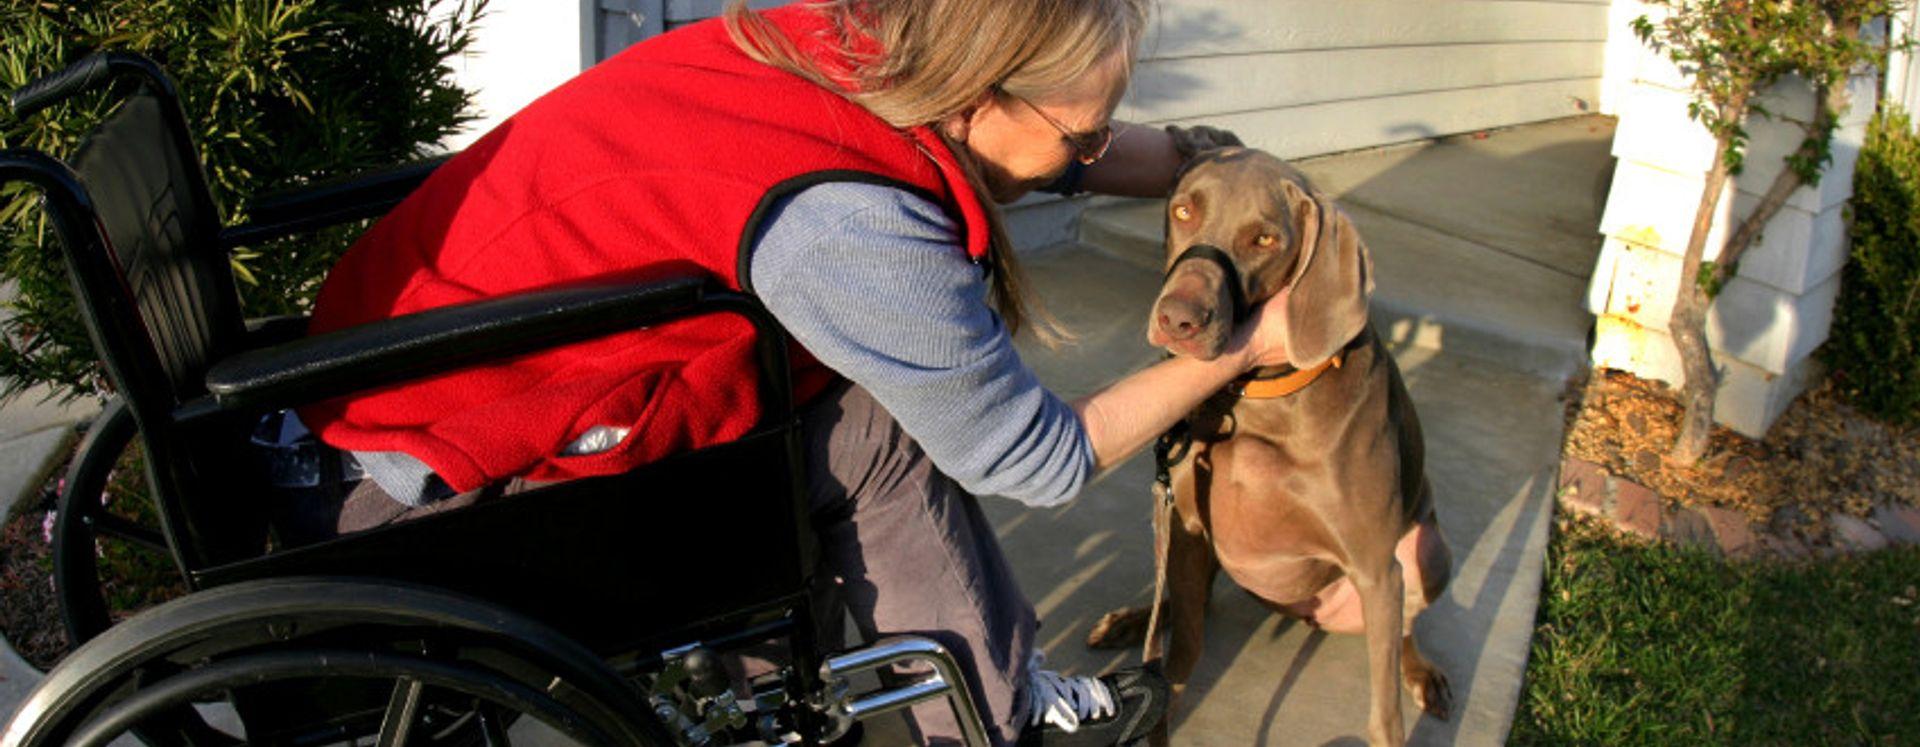 mulher adulta cão de serviço vermelho pessoas brancas animal doméstico calçada casa cadeira de rodas deficiente